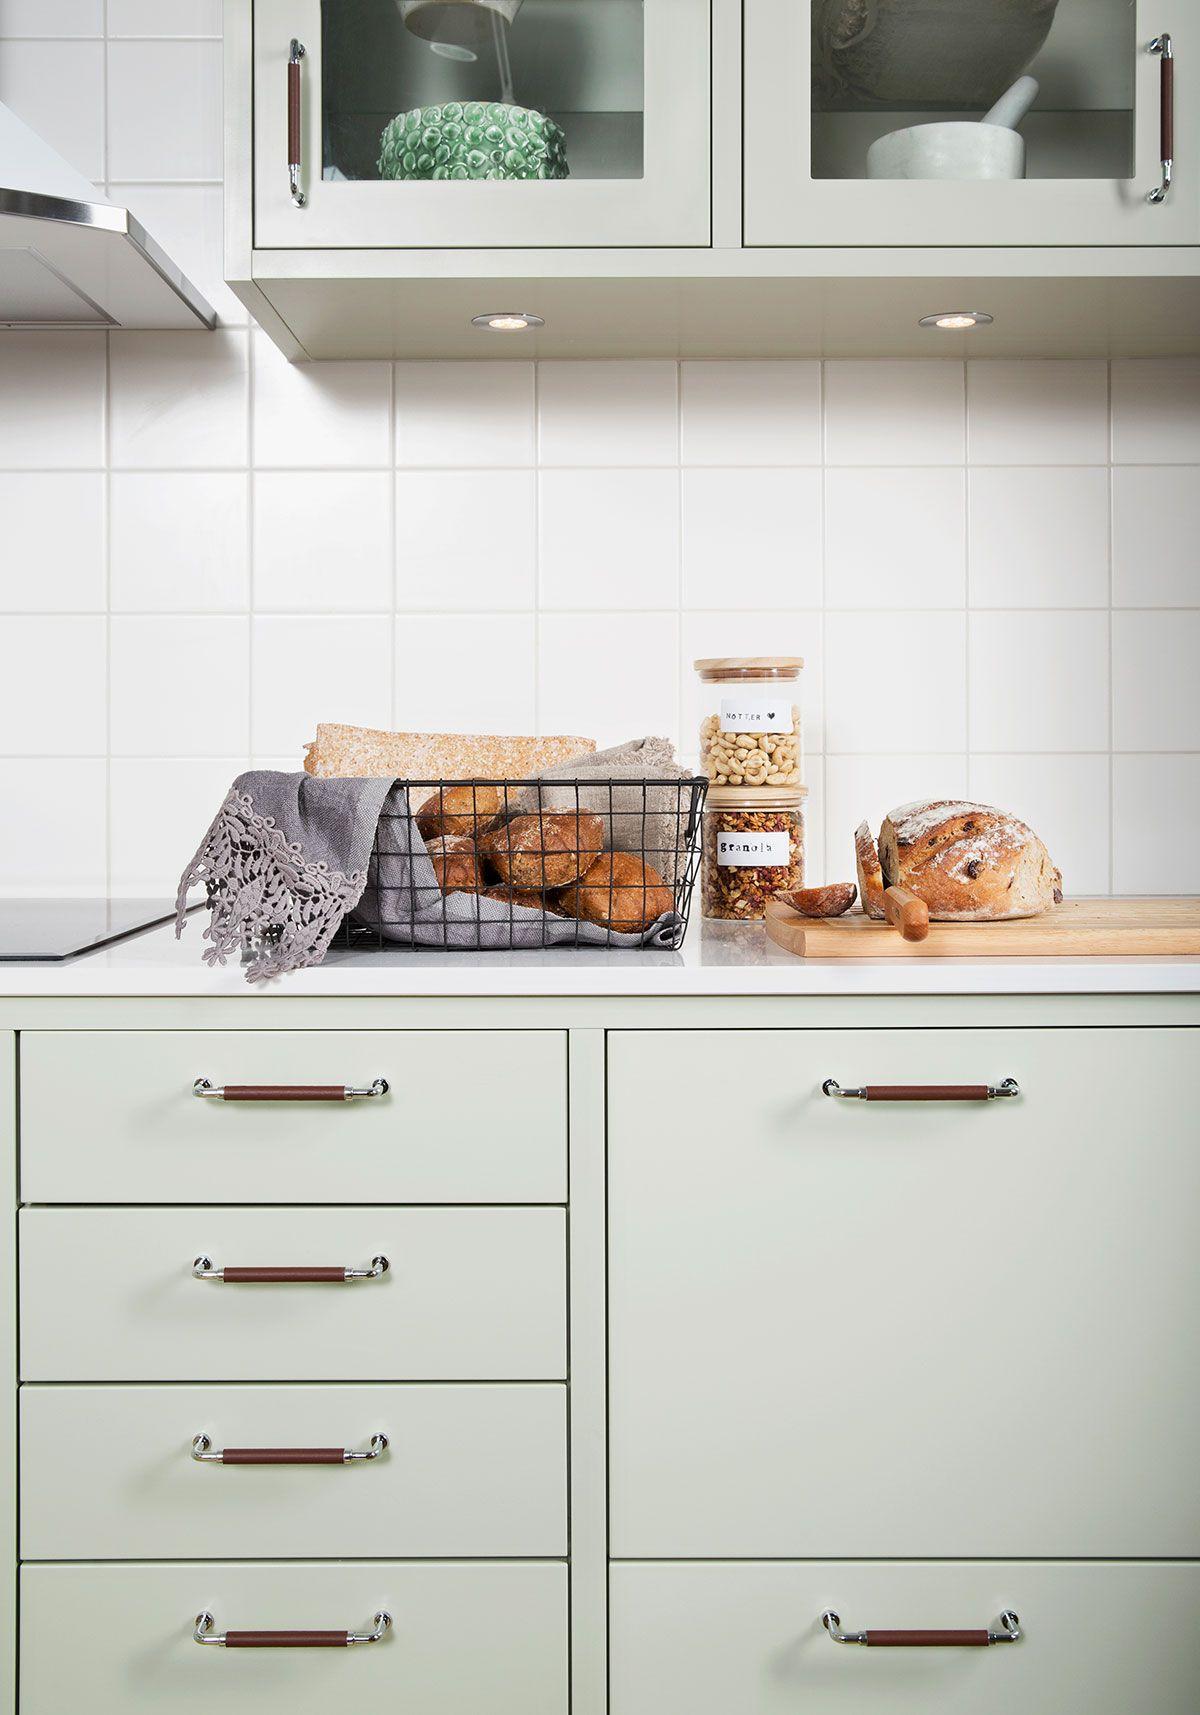 Esstisch ideen einrichten letar du efter ett klassiskt slätt kök i lindblomsgrönt då ska du